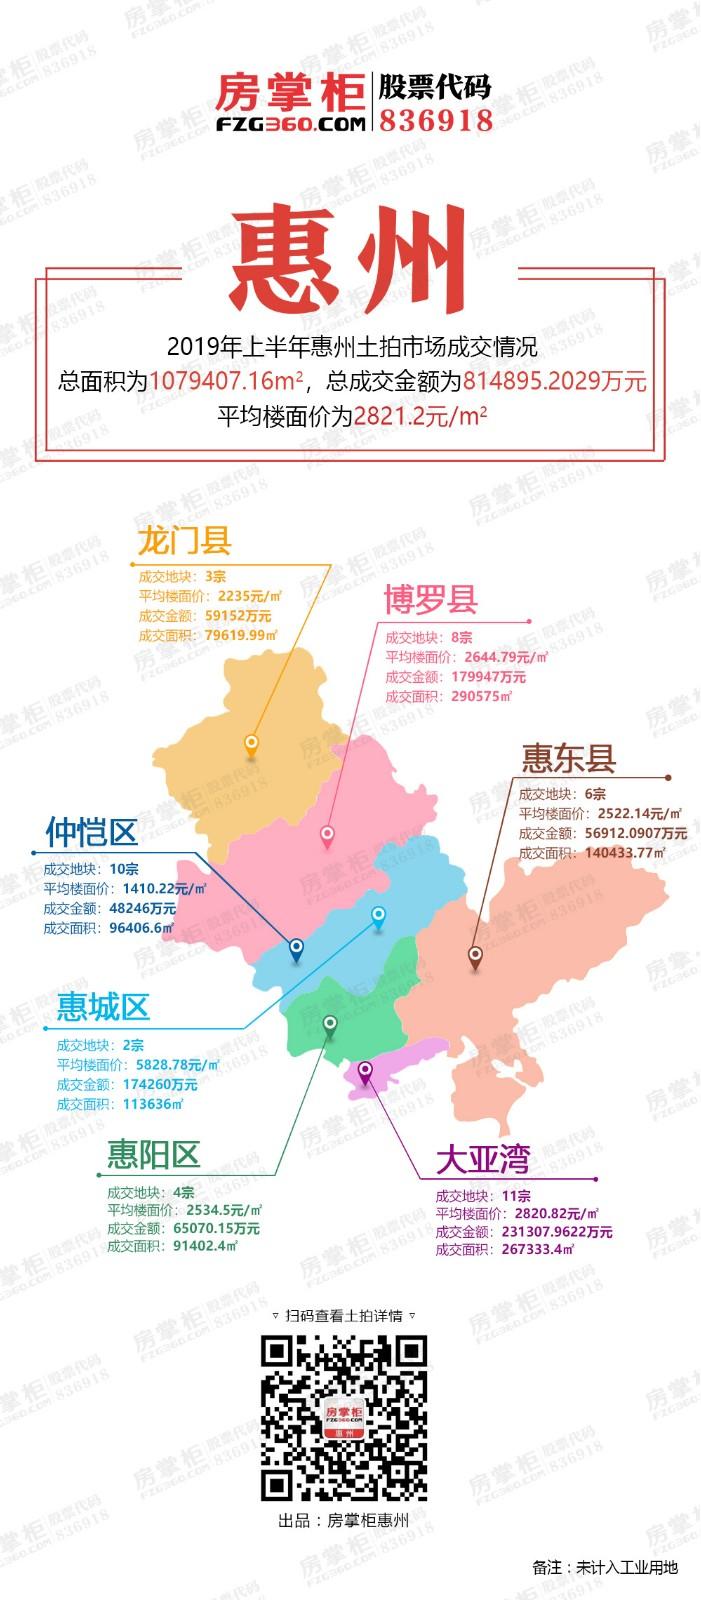 2019上半年土拍成交.jpg